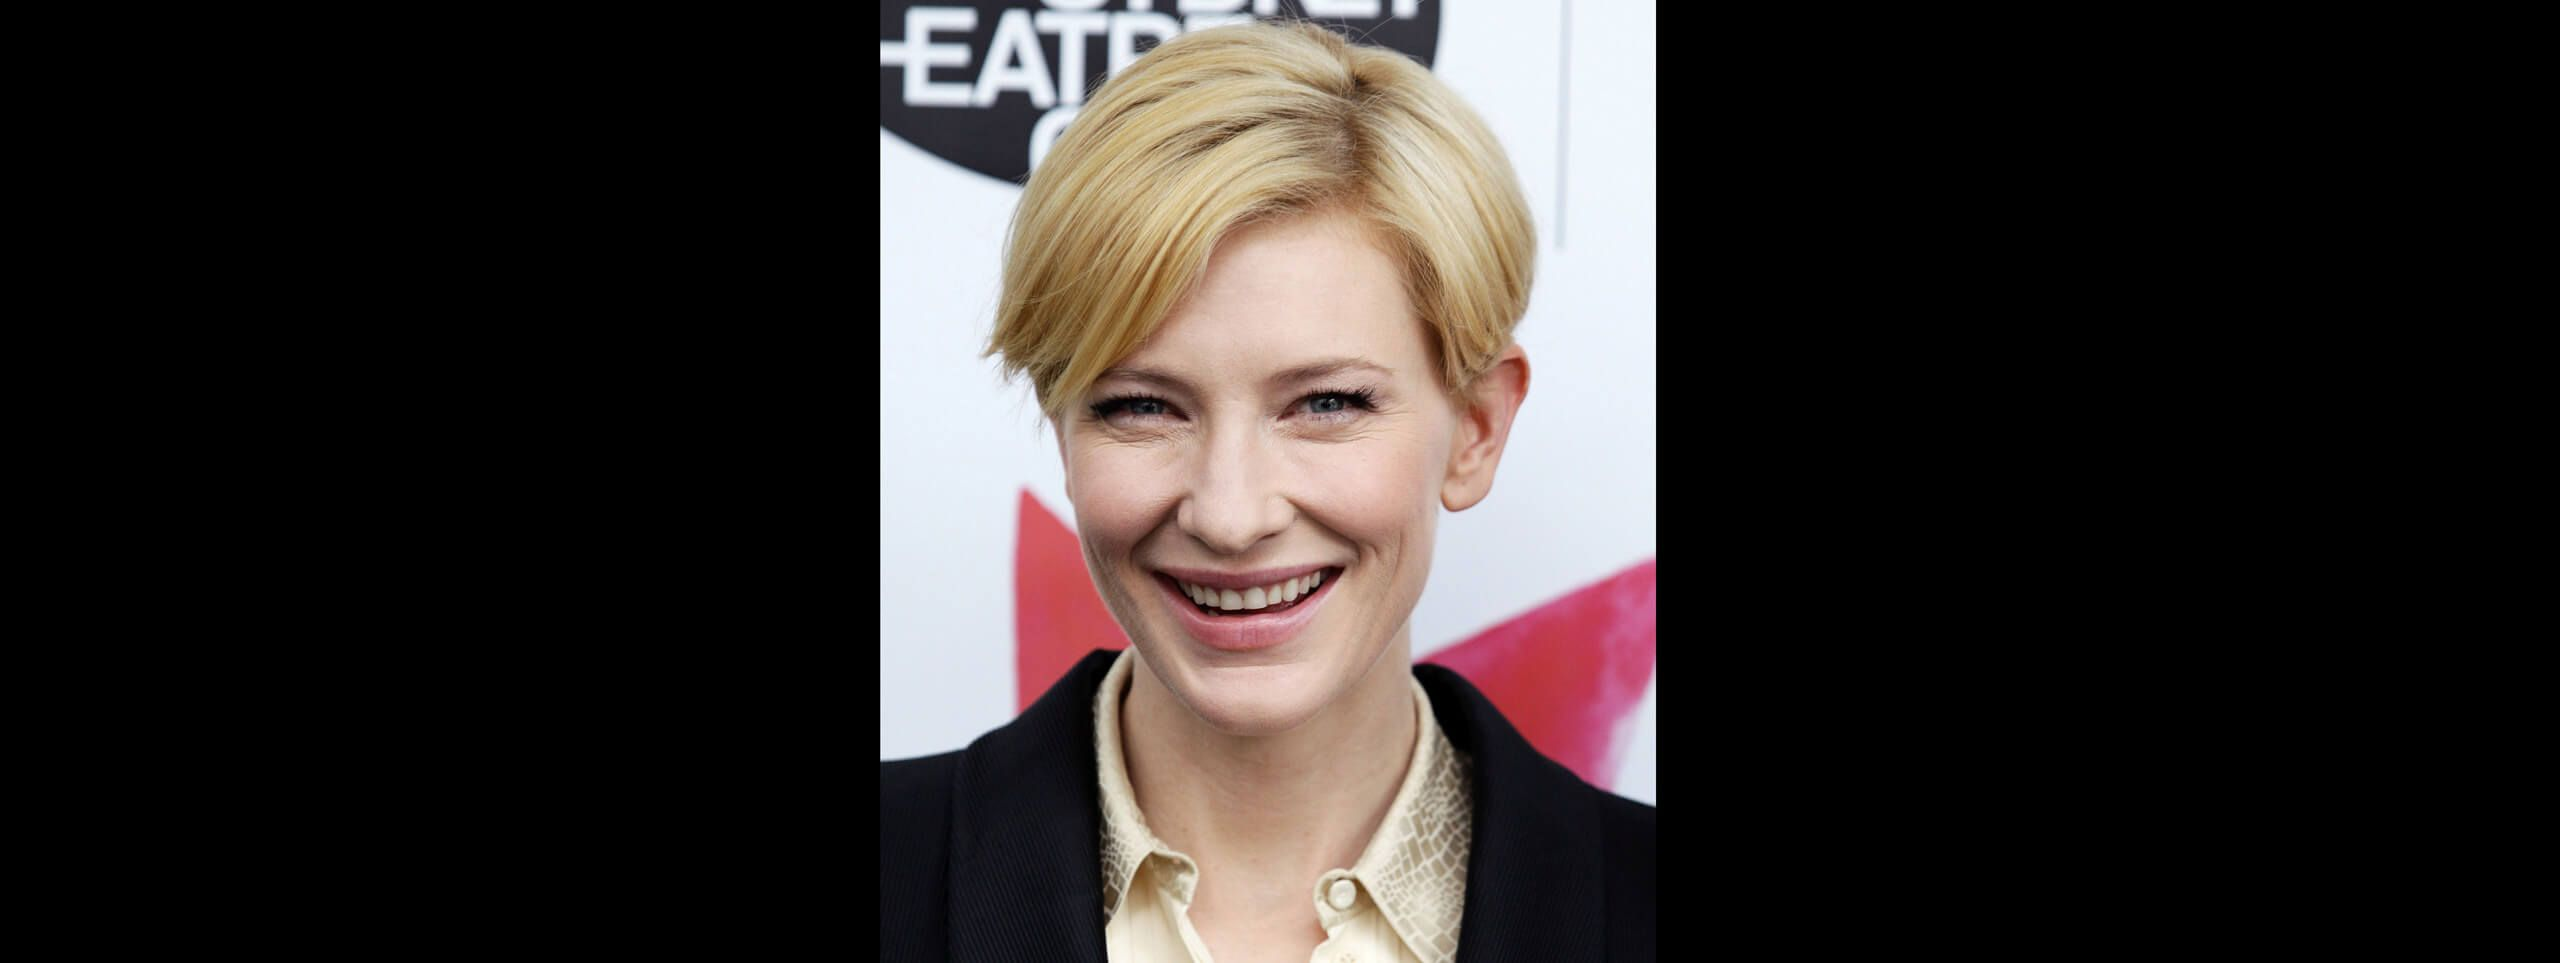 Cate Blanchett star con i capelli biondi tendenza